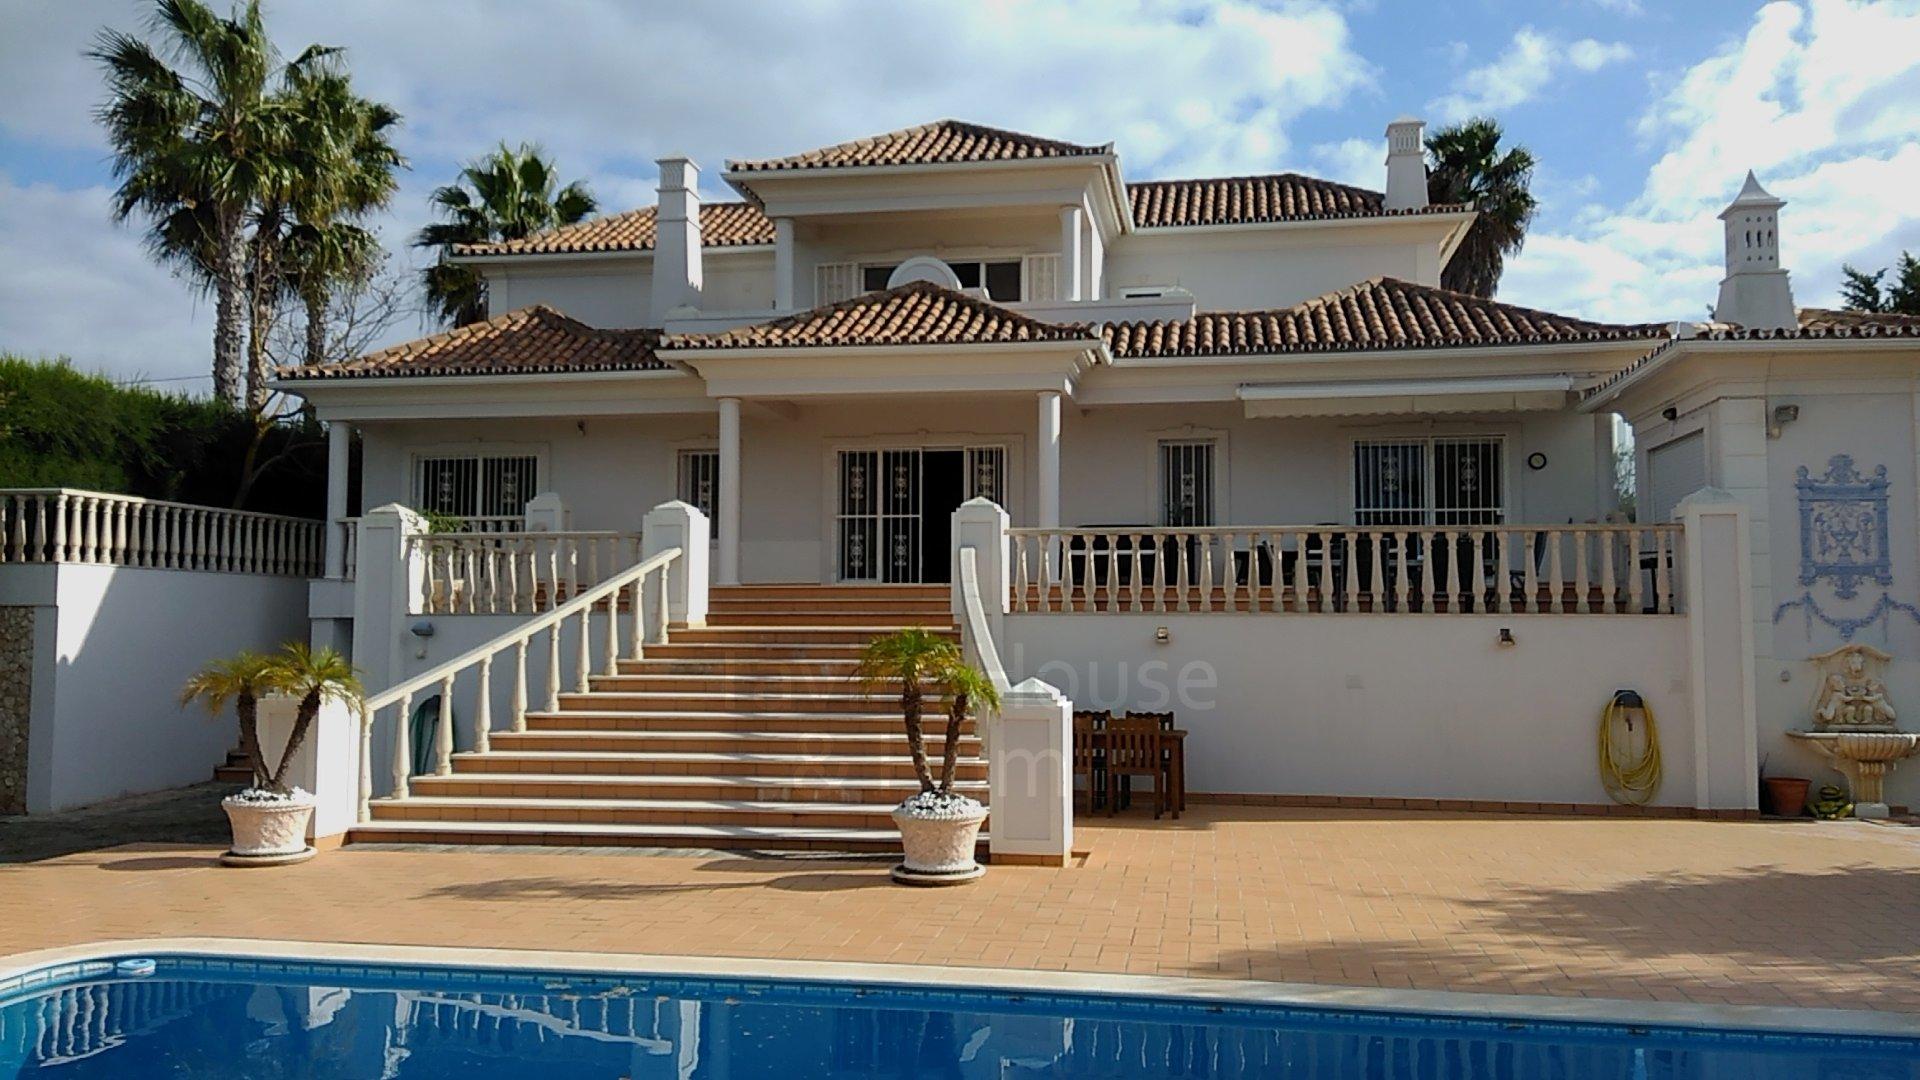 5 Bedroom Villa Vale do Lobo, Central Algarve Ref: MV24310